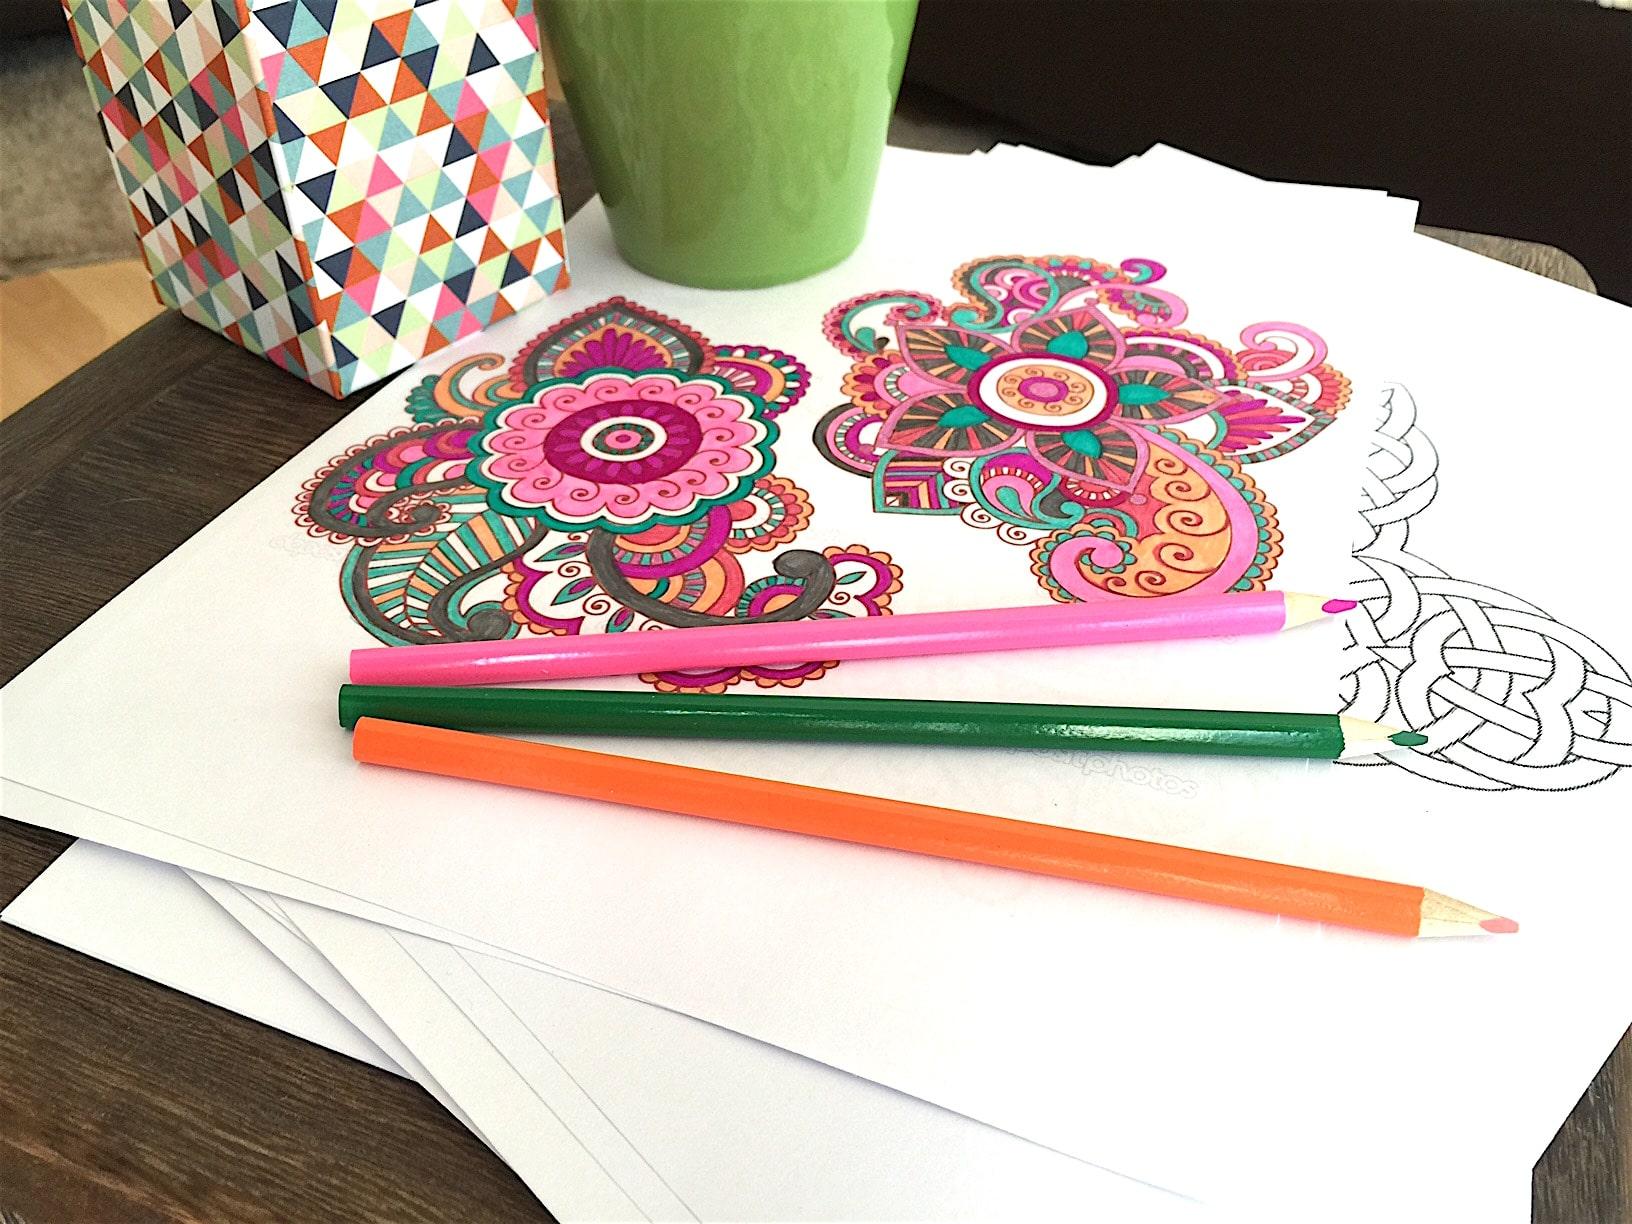 ENTSPANNUNG Mandala malen für Erwachsene #MANDALA #MALEN #KINDER #ENTSAPANNUNG Mandala malen für Erwachsene als Entspannung (Anleitung, Video und DIY)Das Beste, was es für die Seele gibt, um ruhig zu werden, zu entspannen. Stress abbauen und dabei den Kopf freizumachen. Mandala malen ist gut für Erwachsene, für Kinder, aber besonders auch für Senioren. Die Anleitung und auch Mandala DIY Videos zum selber Mandala erstellen findest du in diesem ausführlichen Blogpost.